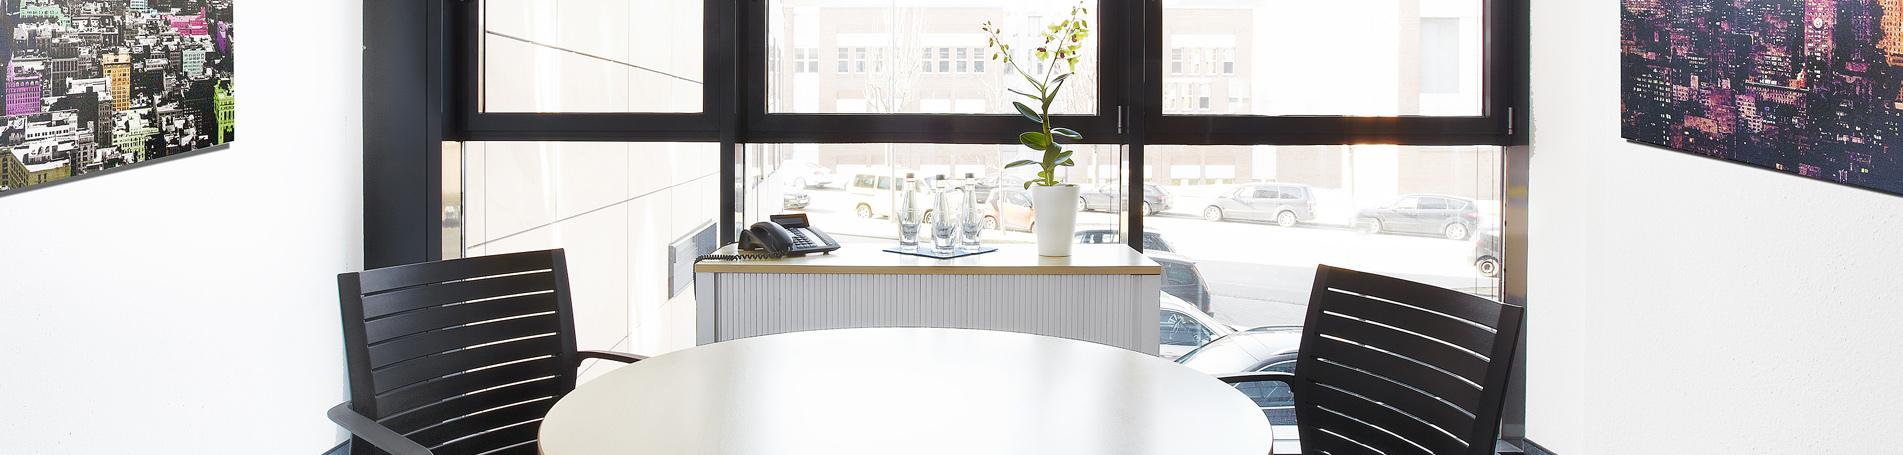 Büros in Frankfurt Nord